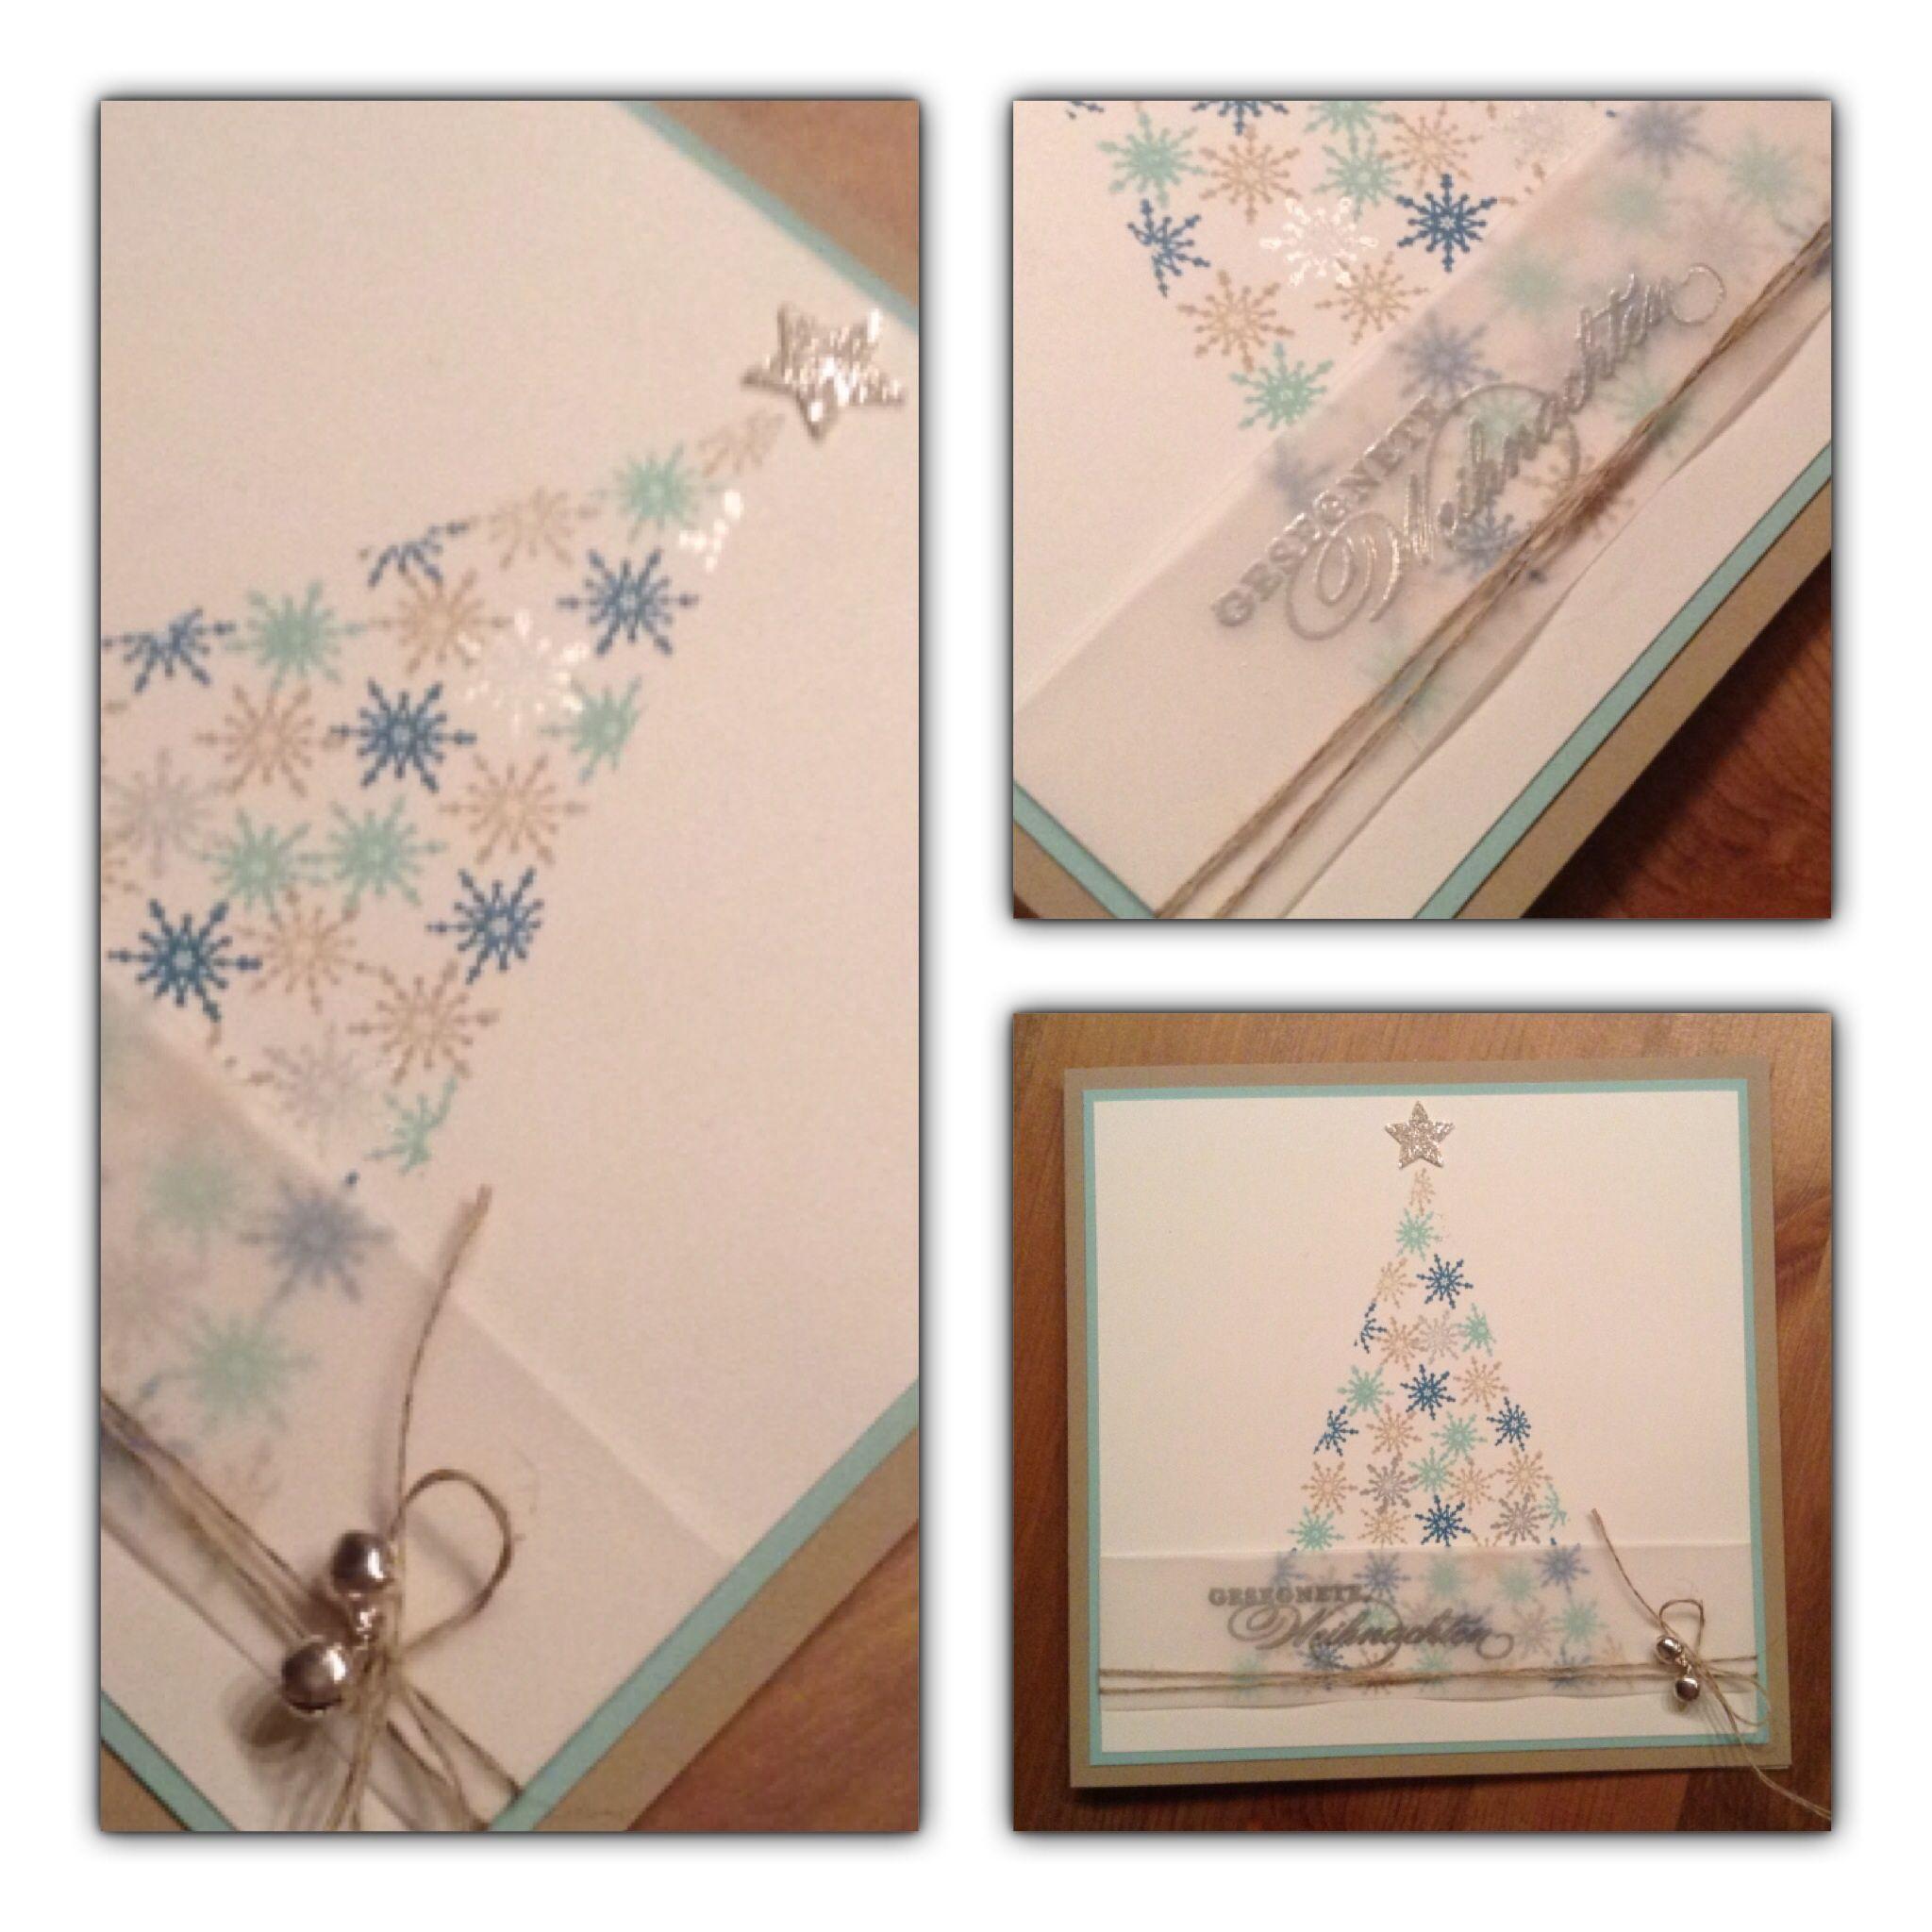 weihnachtskarte gesegnete weihnachten weihnachtskarten. Black Bedroom Furniture Sets. Home Design Ideas